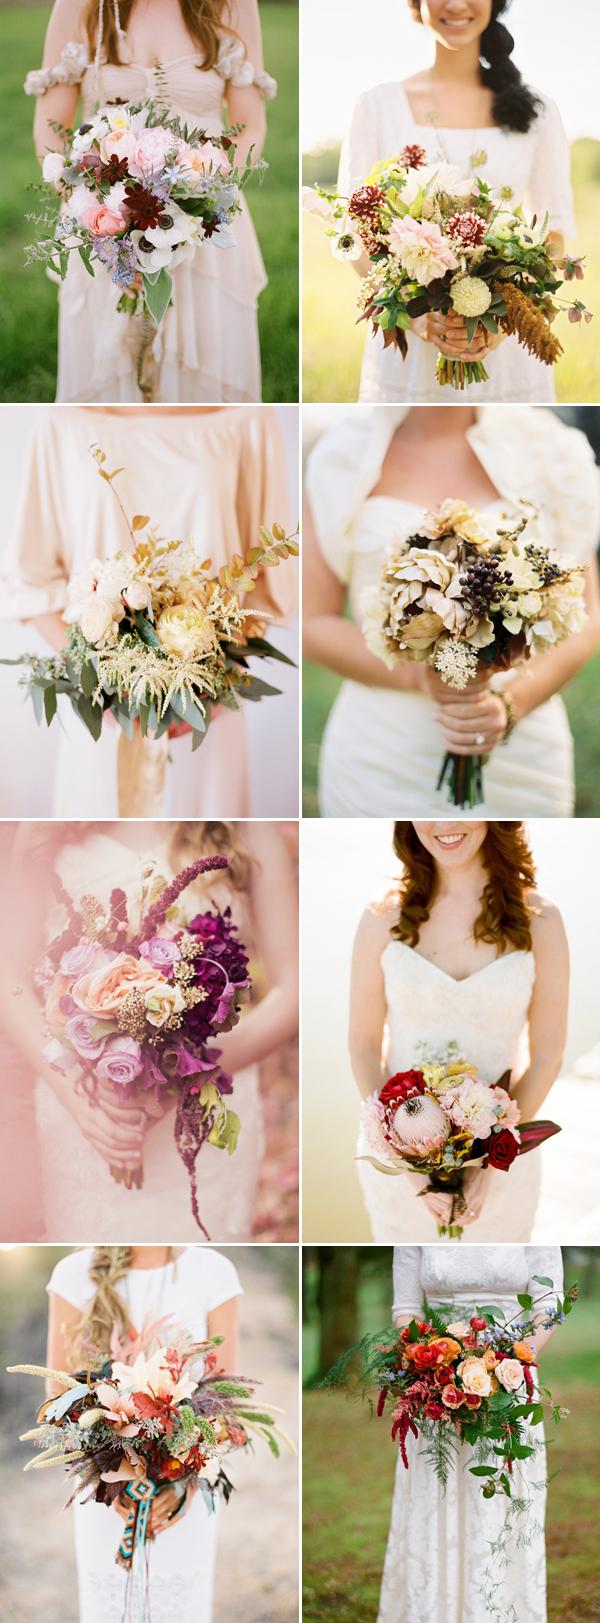 Fall Bouquet01-warm-earthy